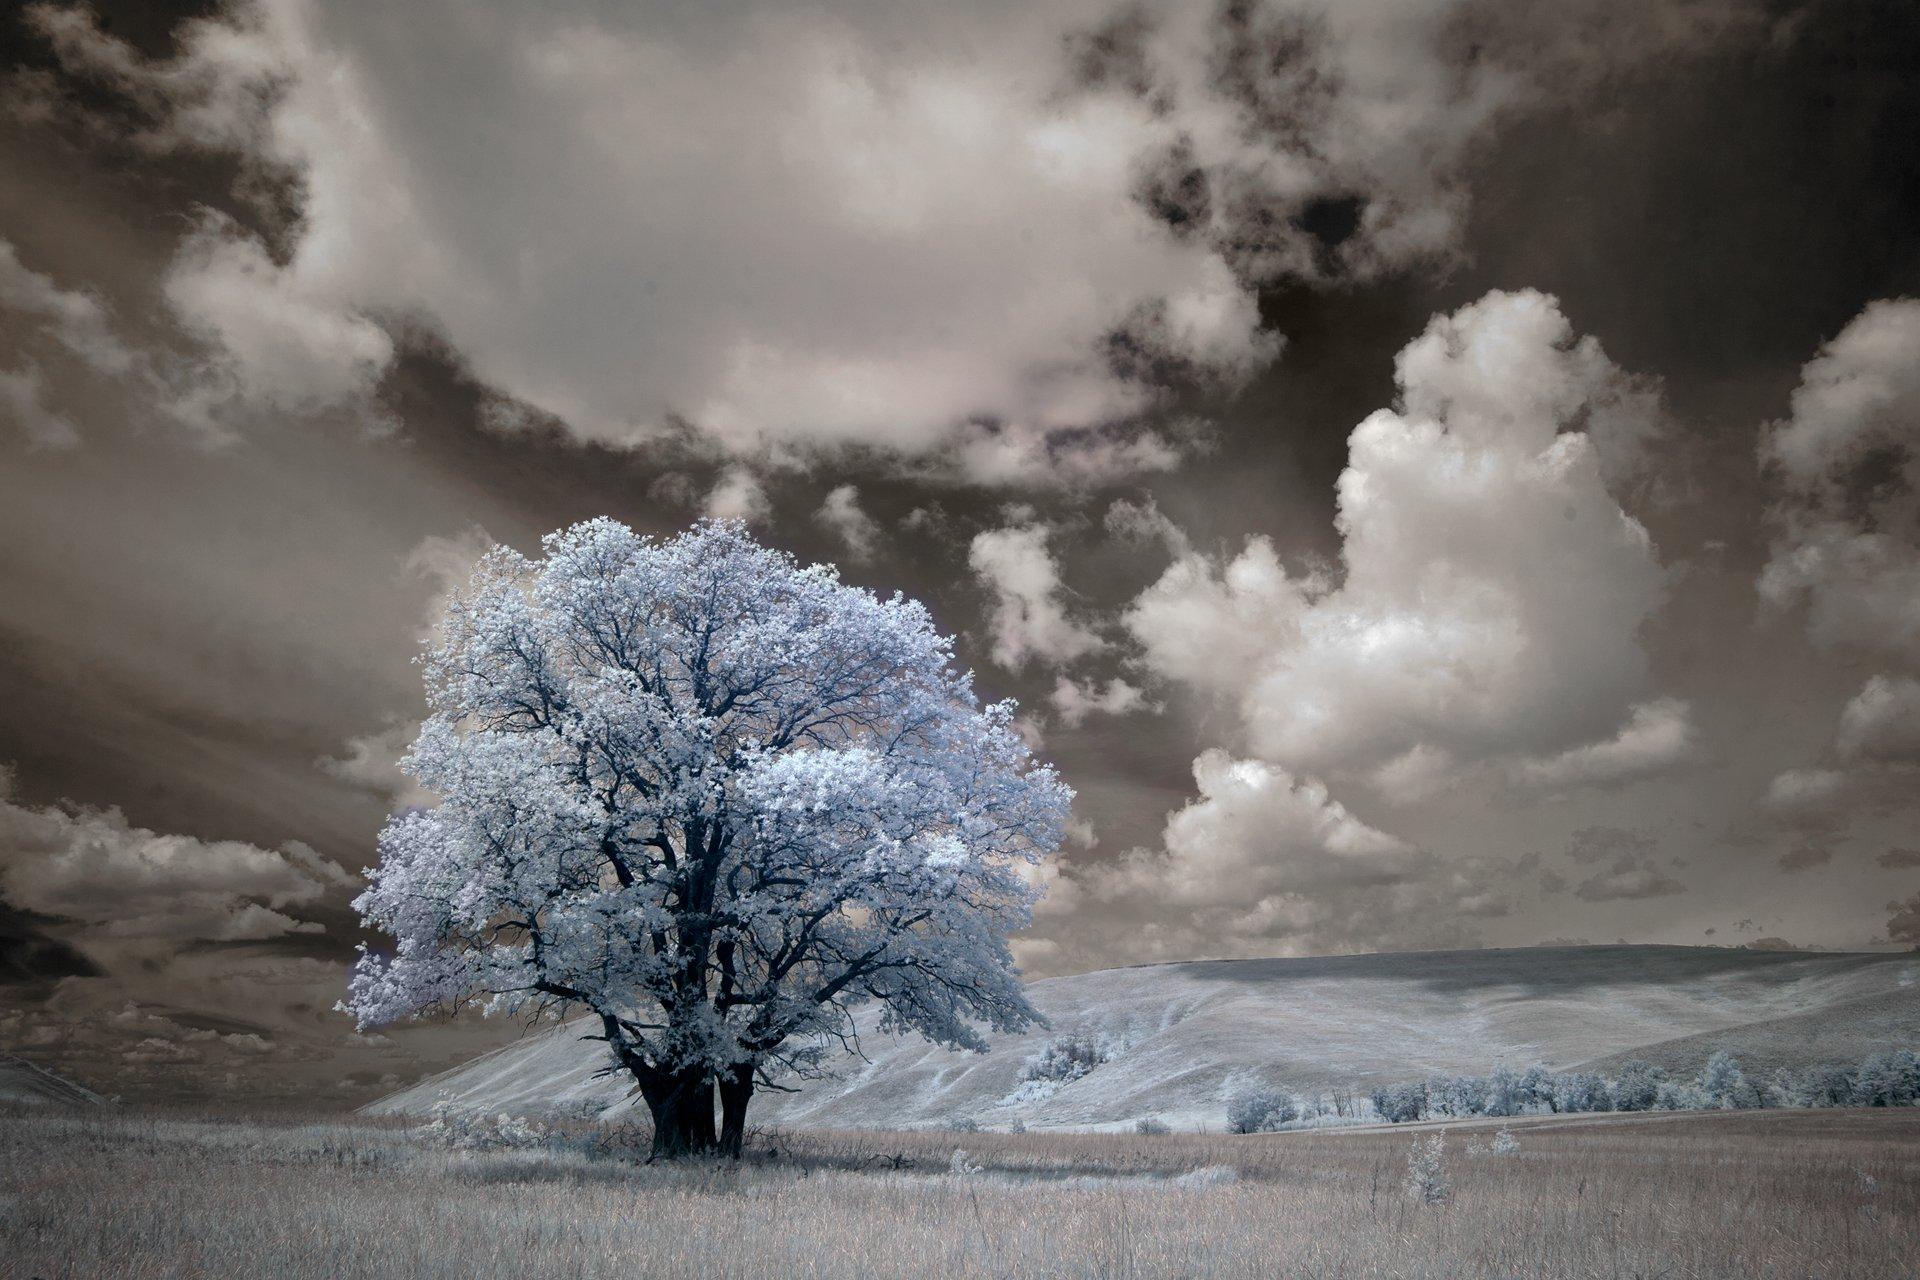 инфракрасный, пейзаж, дерево, небо, облака, Олег_Грачёв, Грачёв Олег